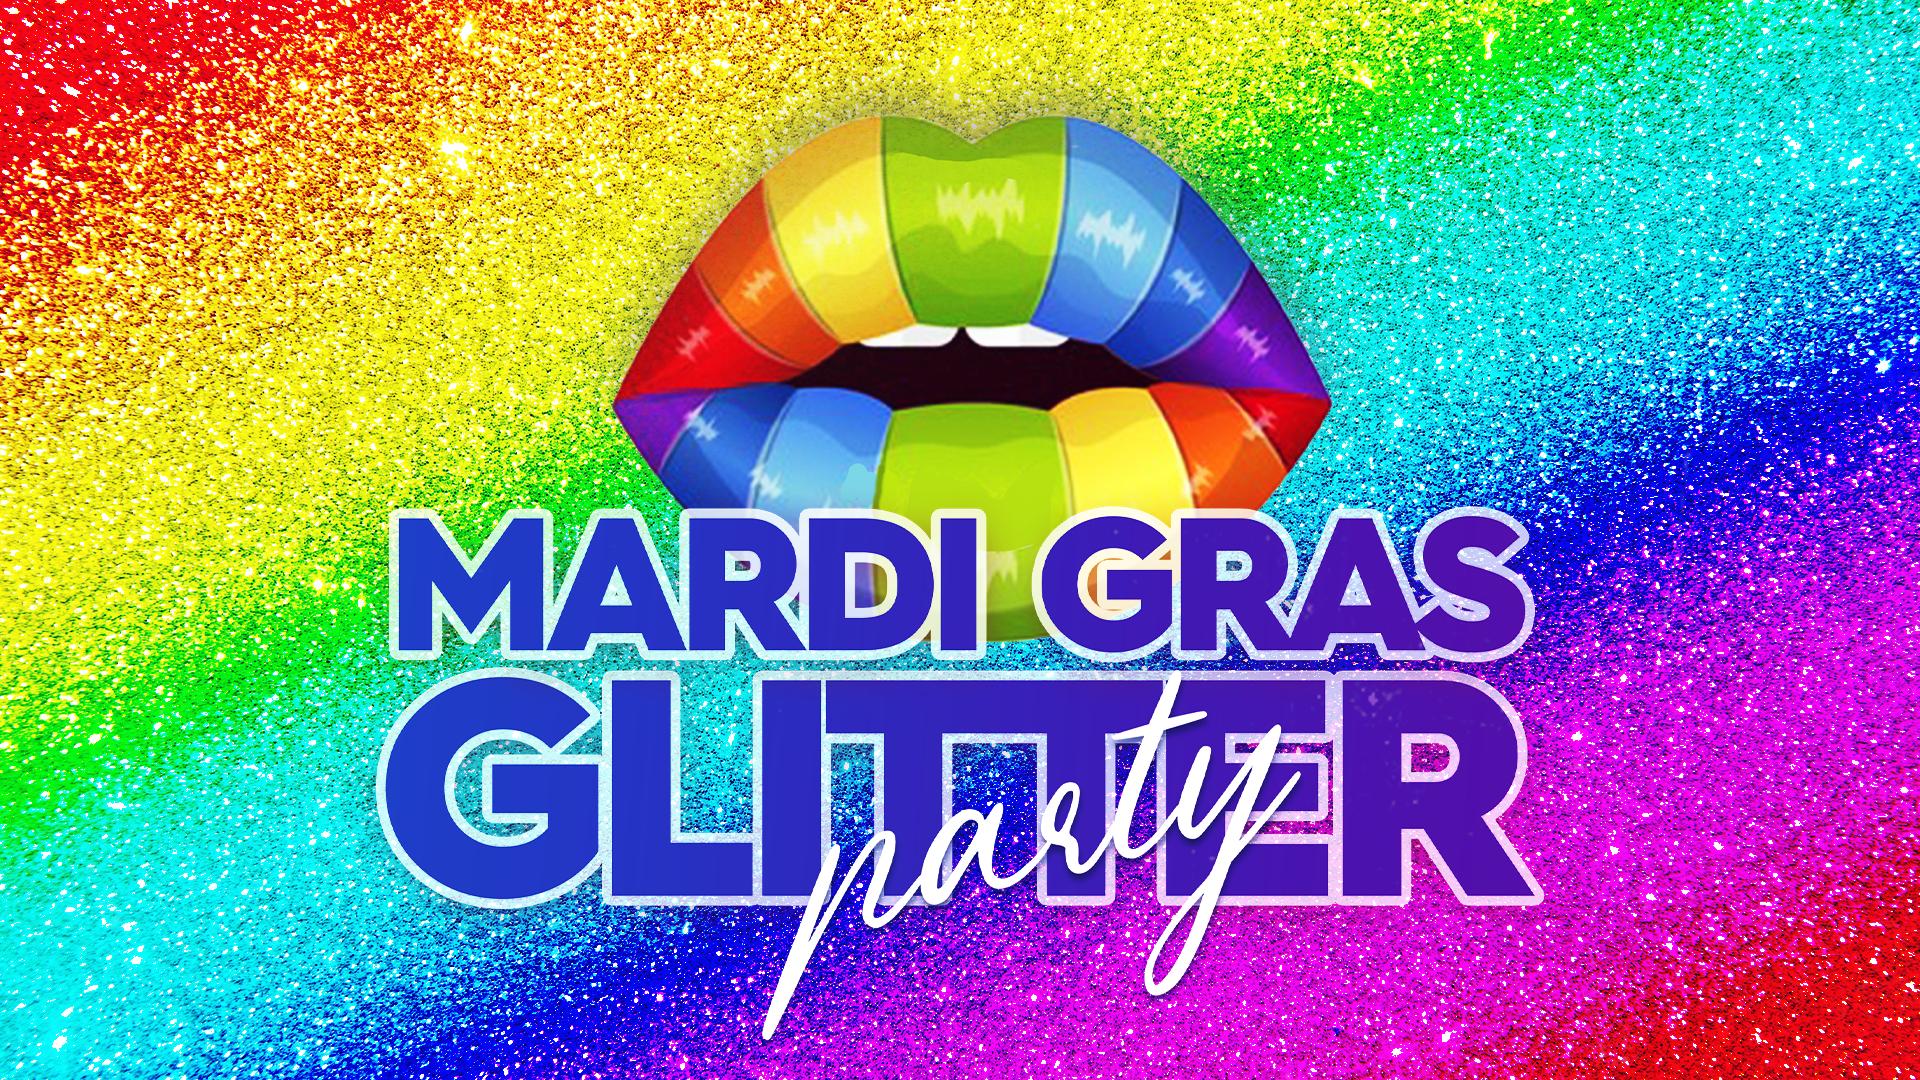 Mardi Gras Glitter Party